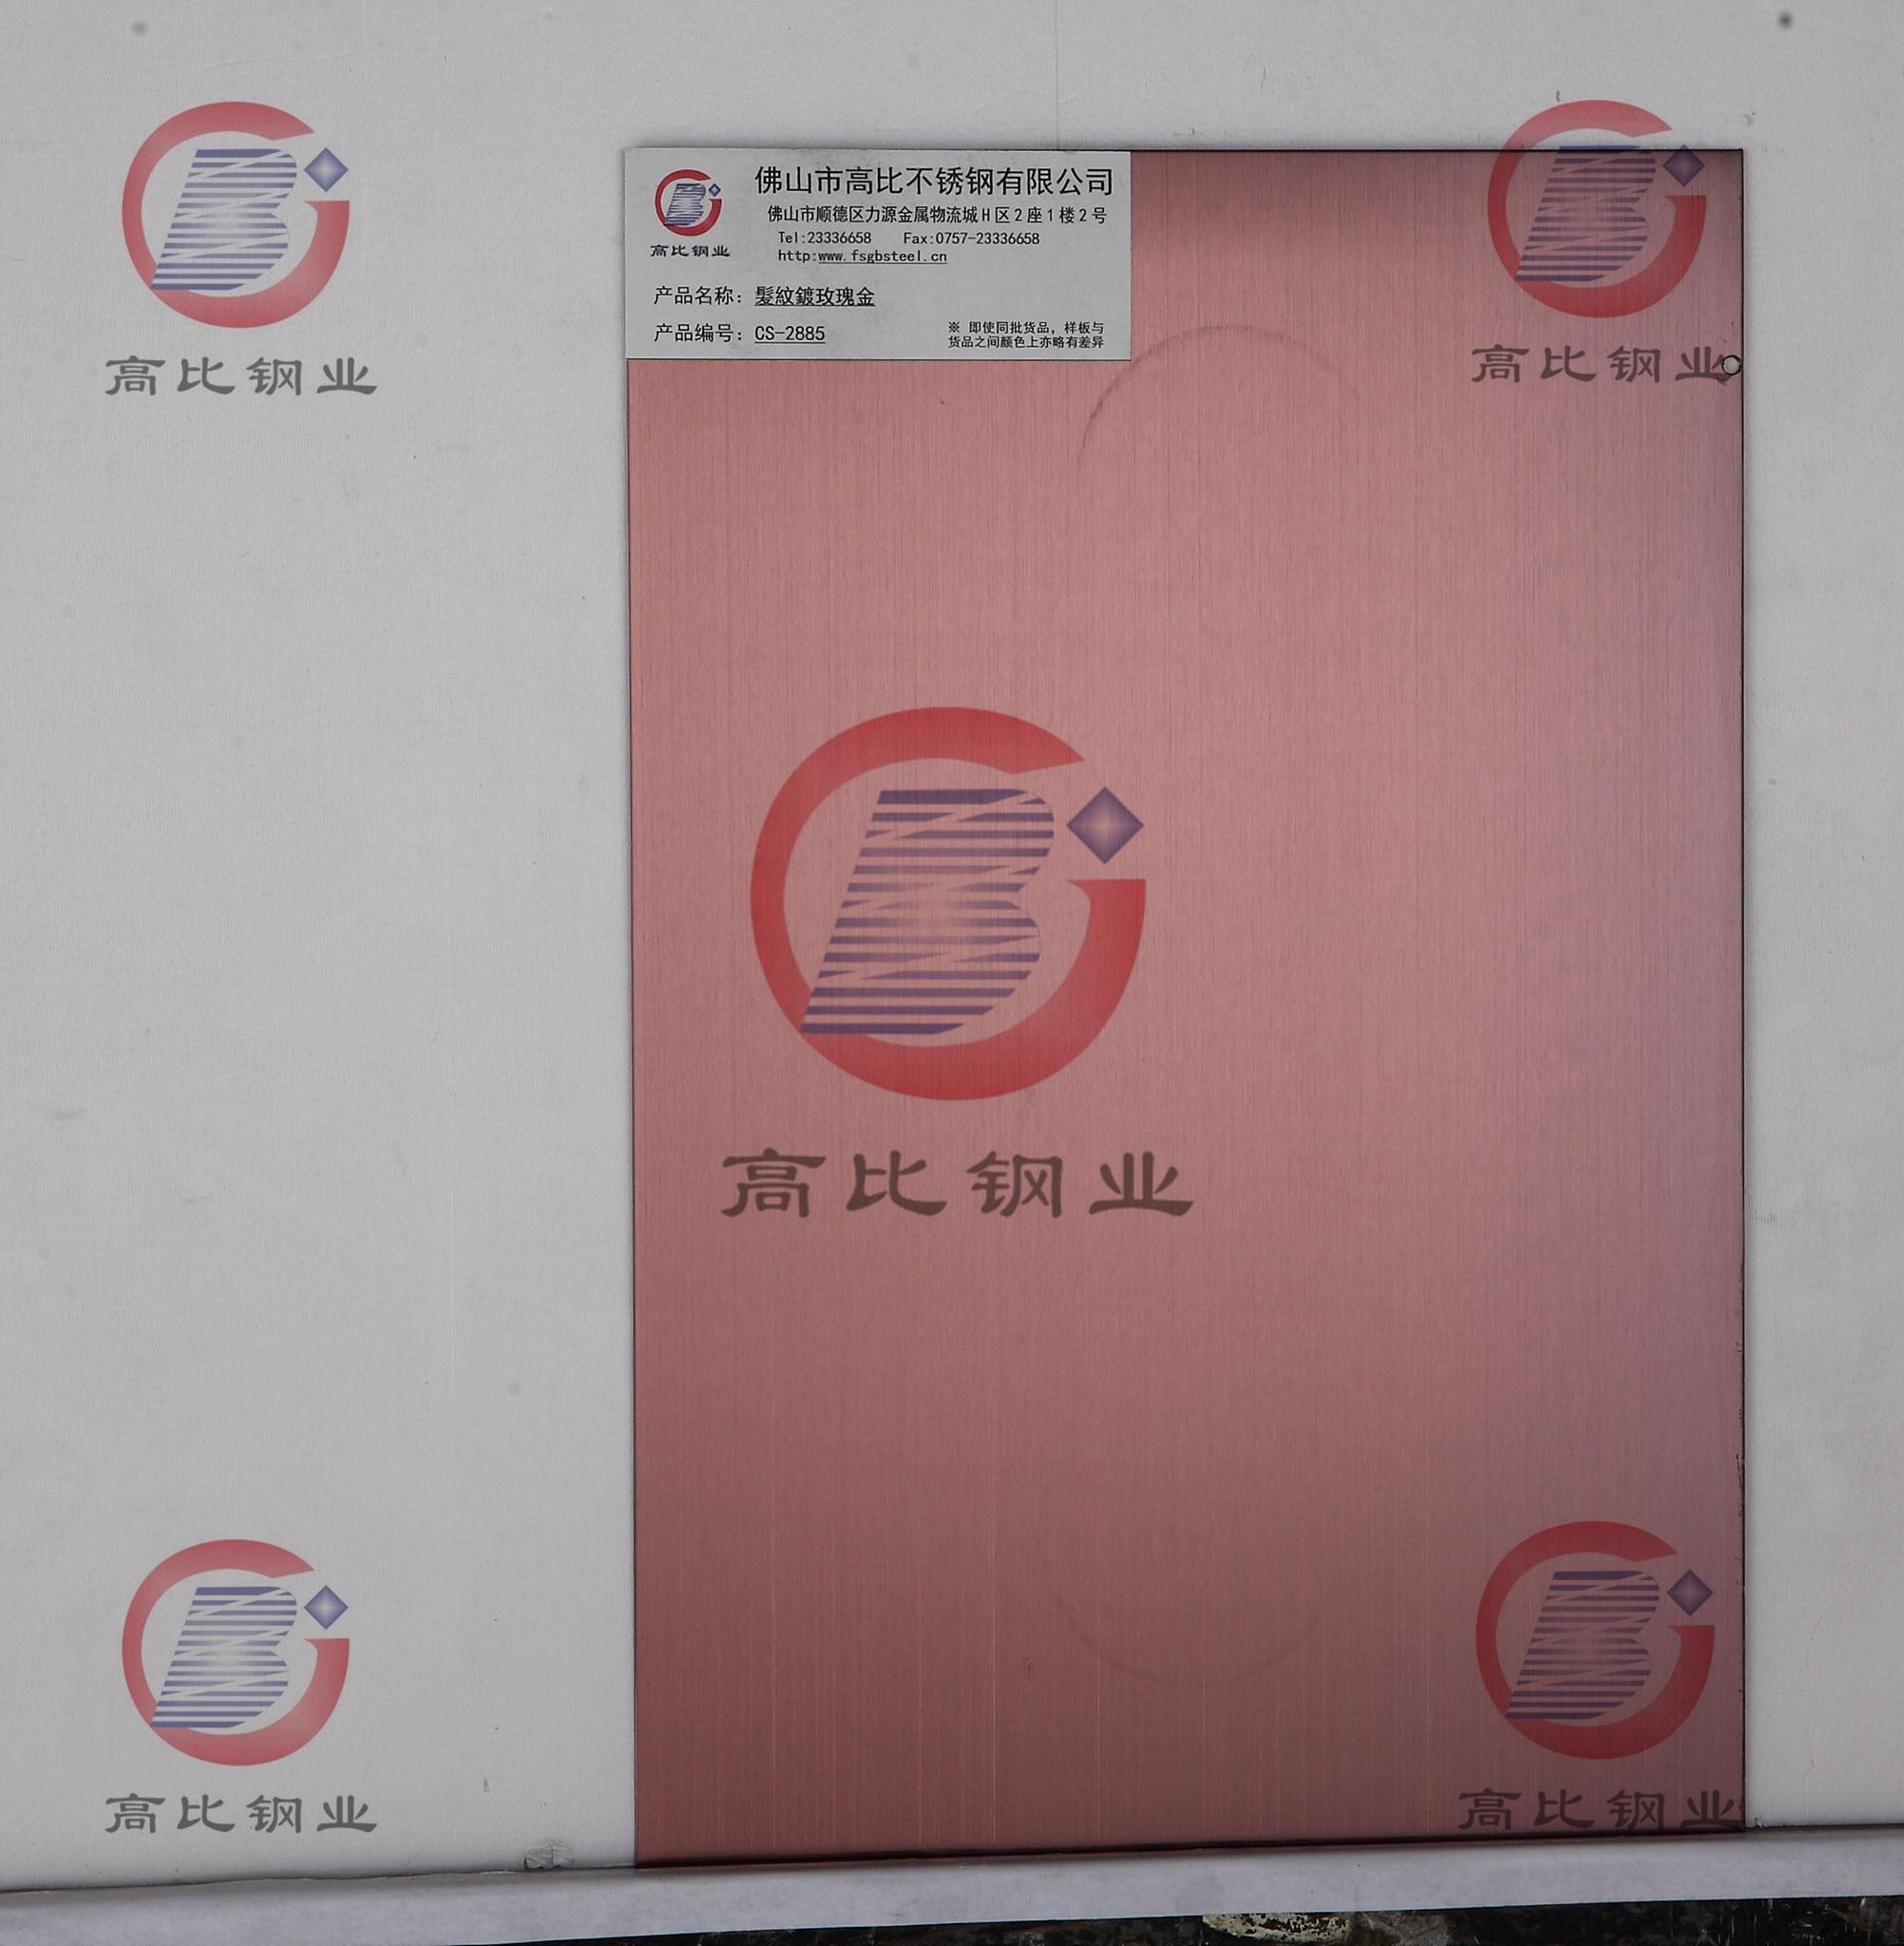 CS-2885 發紋鍍玫瑰金 高比真空鍍不鏽鋼板廠家 1